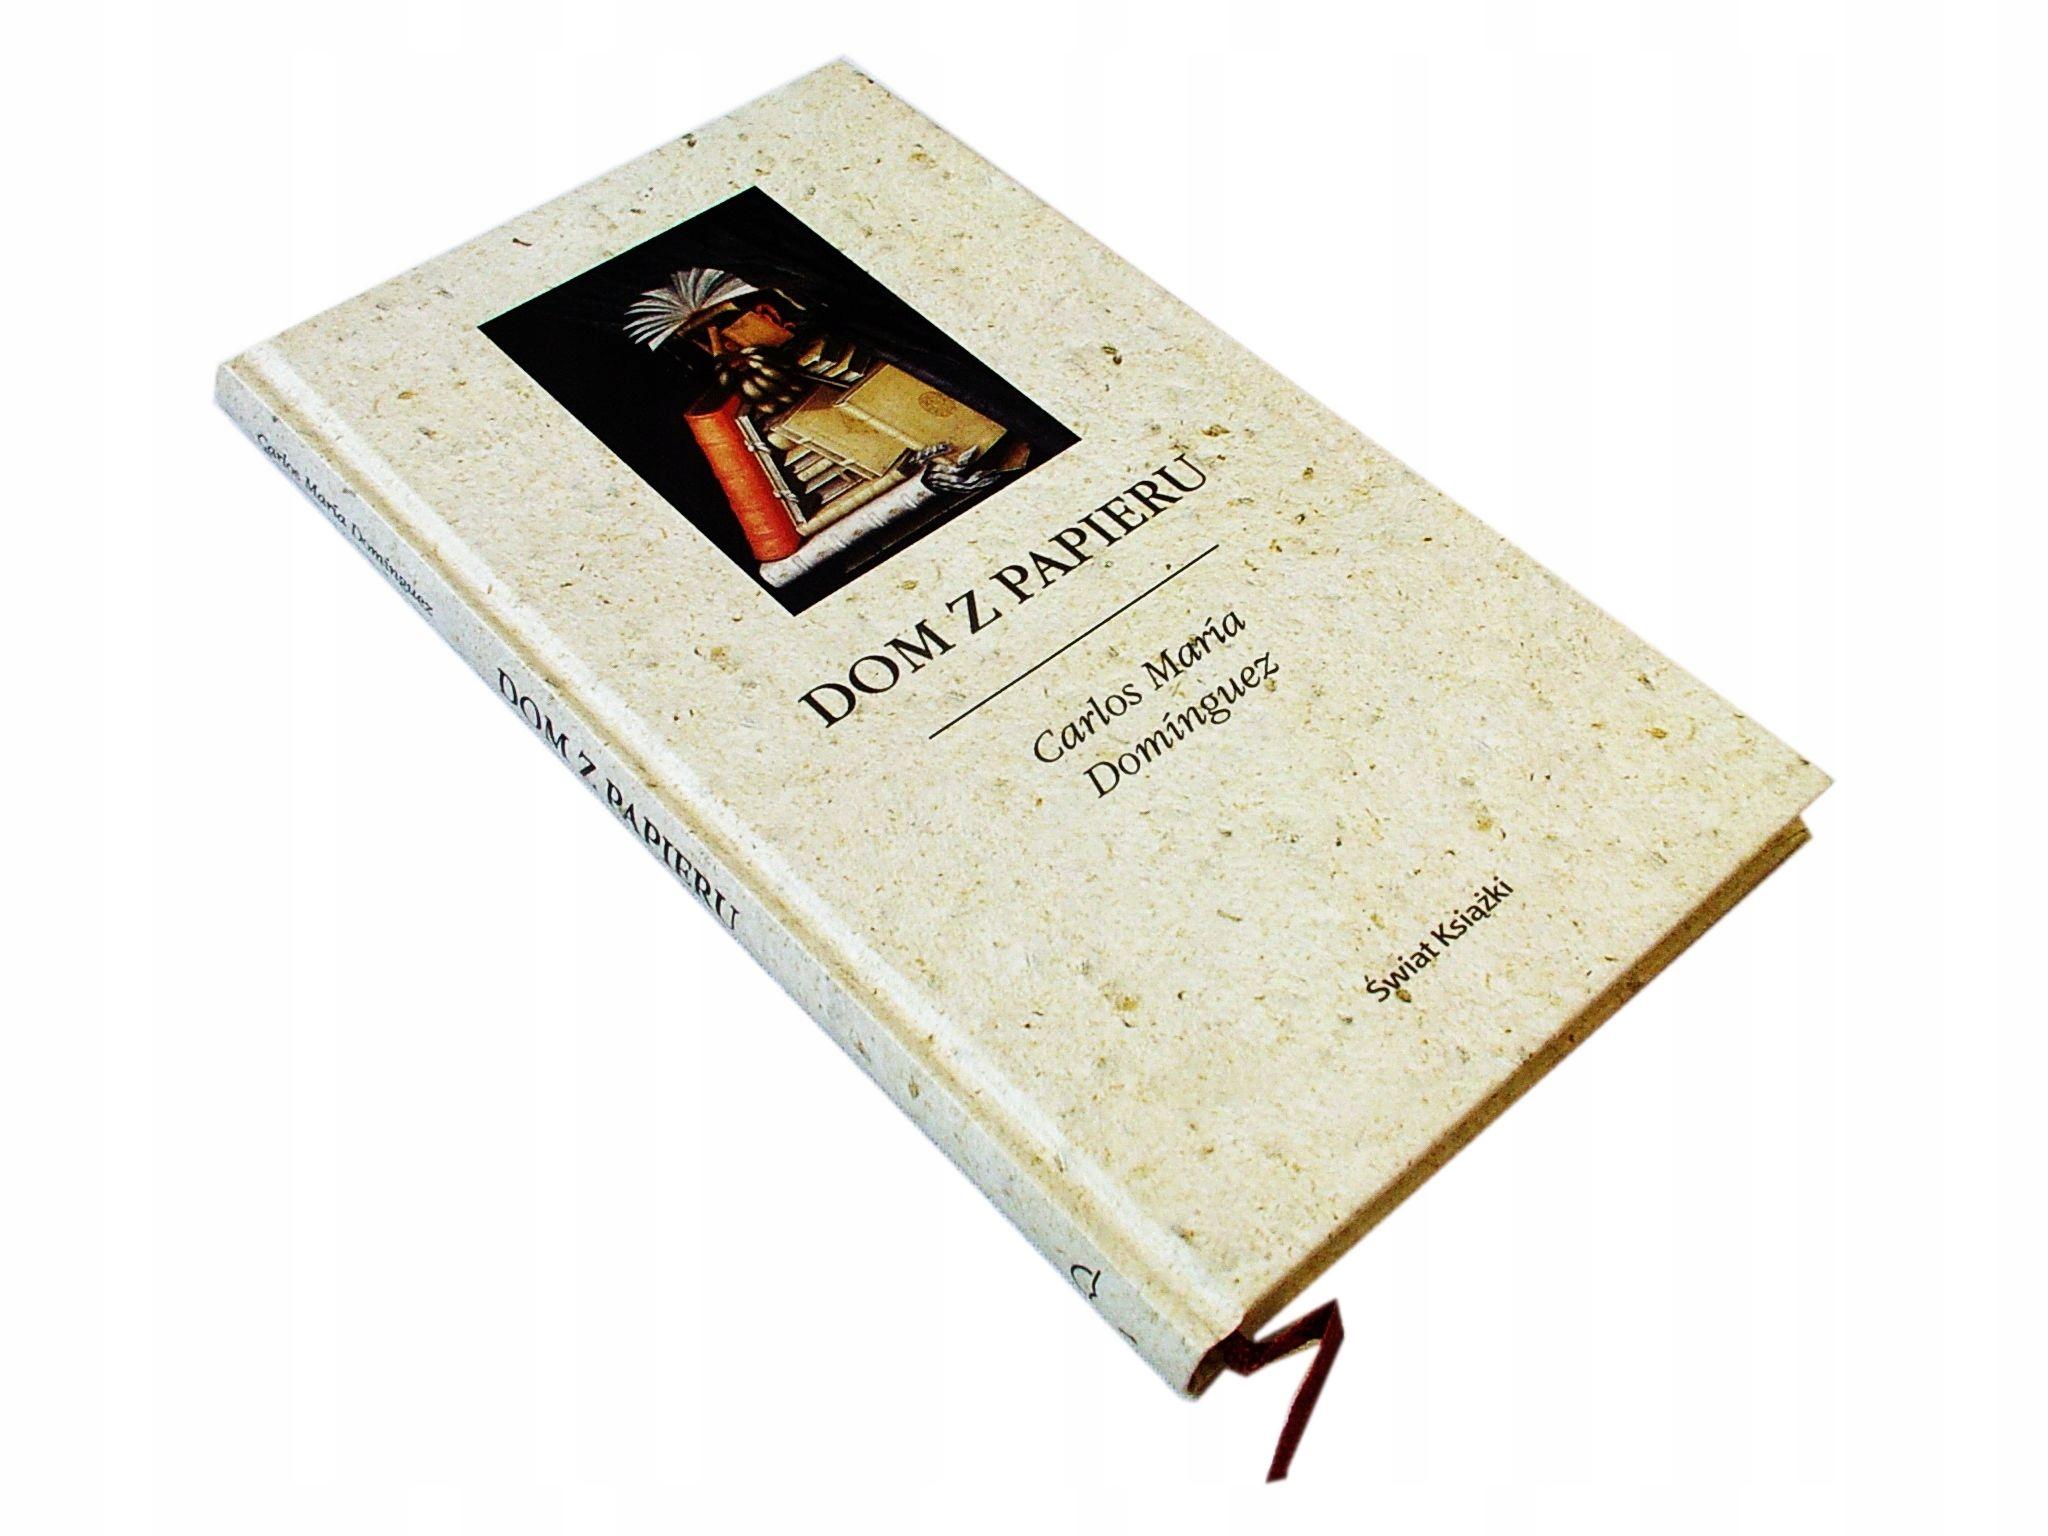 Znalezione obrazy dla zapytania dom zpapieru świat książki